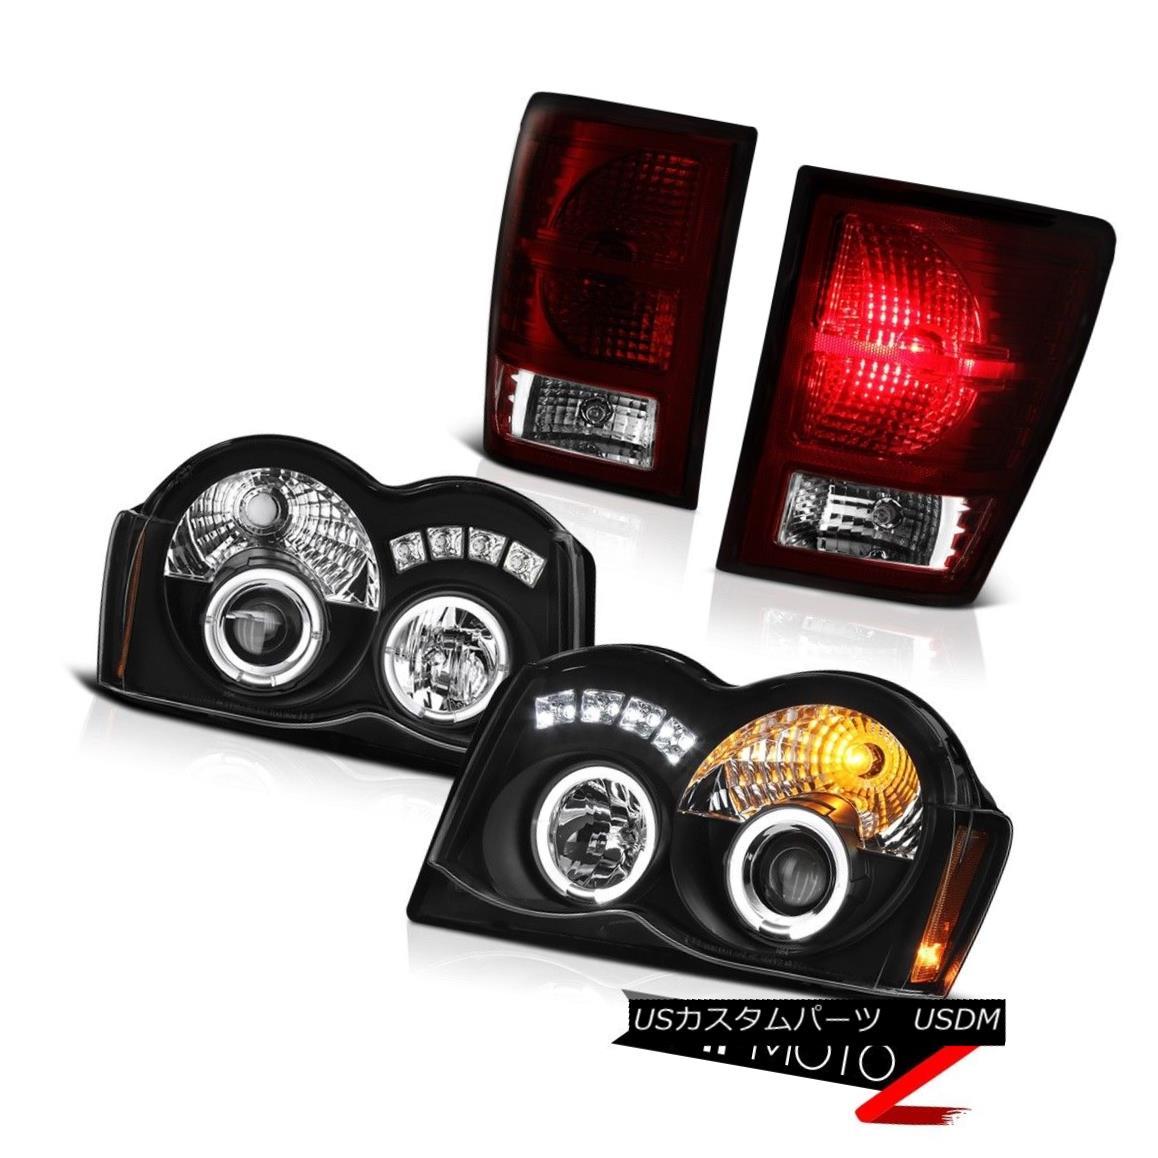 ヘッドライト 08 09 10 Jeep Grand Cherokee Offroad Tail Brake Lights Raven Black Headlights 08 09 10ジープグランドチェロキーオフロードテールブレーキライトレイヴンブラックヘッドライト